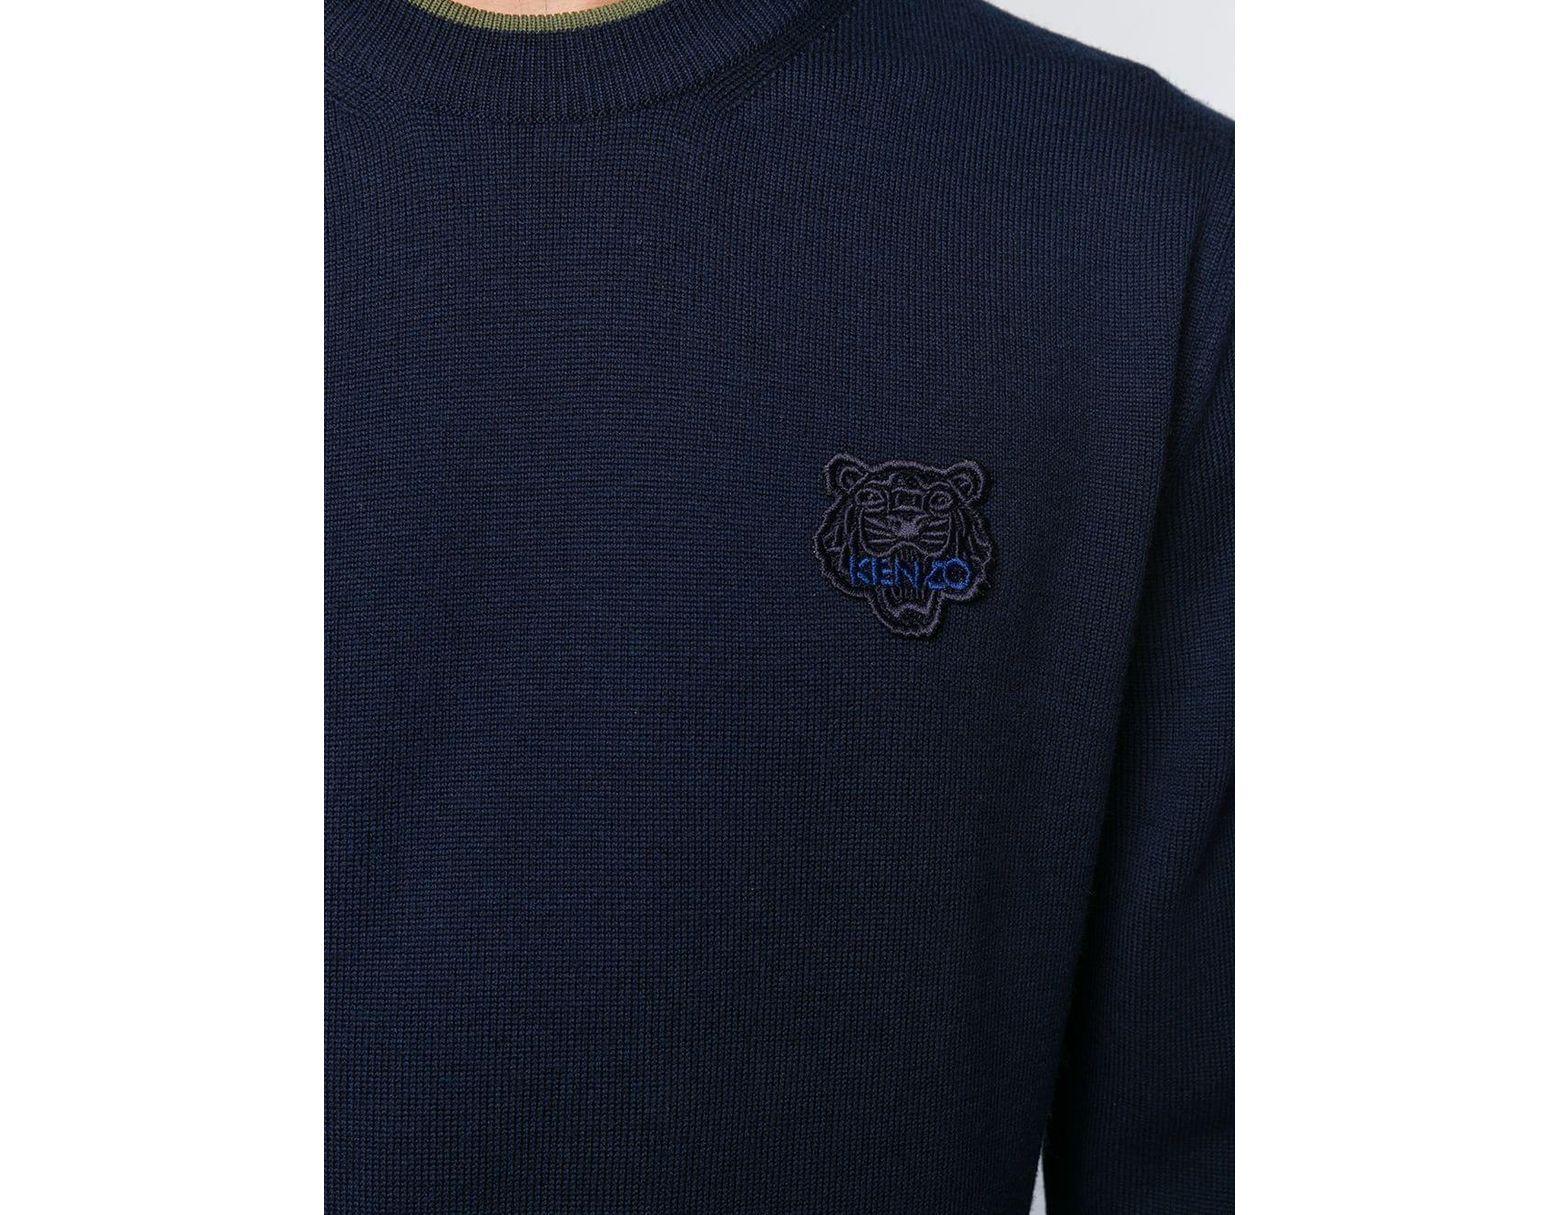 bedd20fd KENZO Wool Sweatshirt in Blue for Men - Lyst